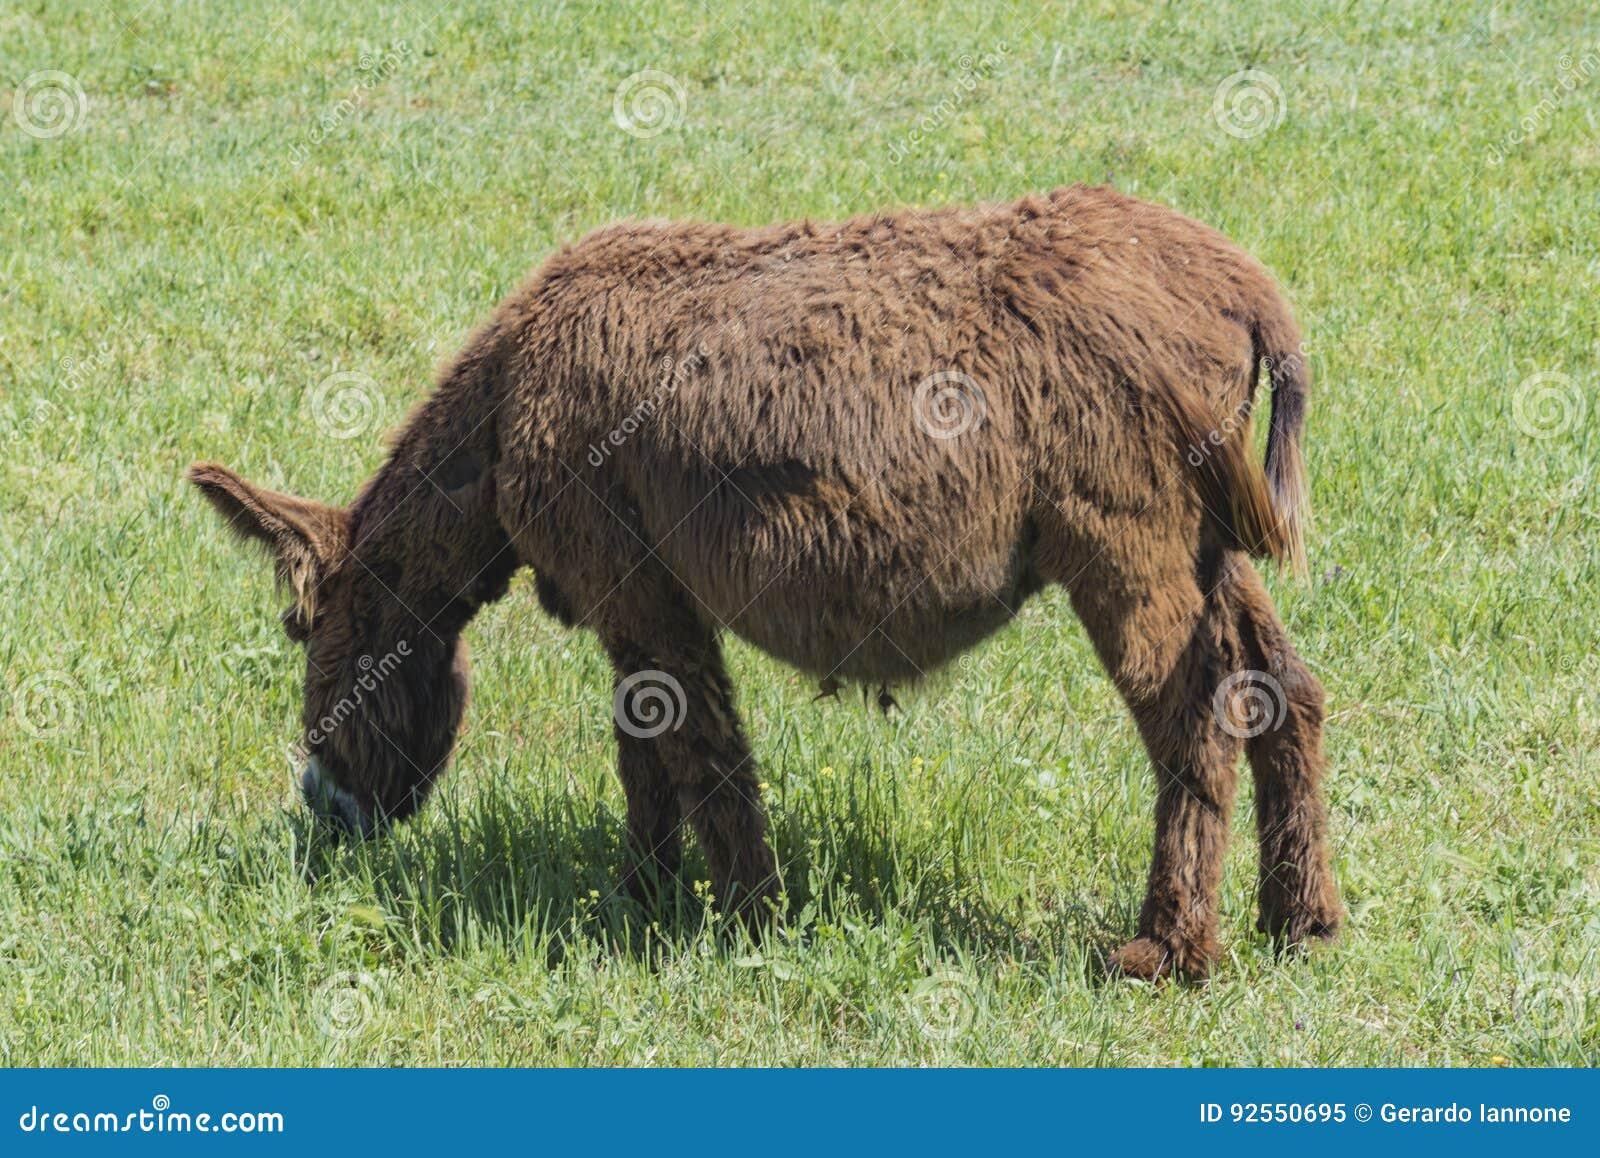 L asino sentito parlare pasce in un prato verde